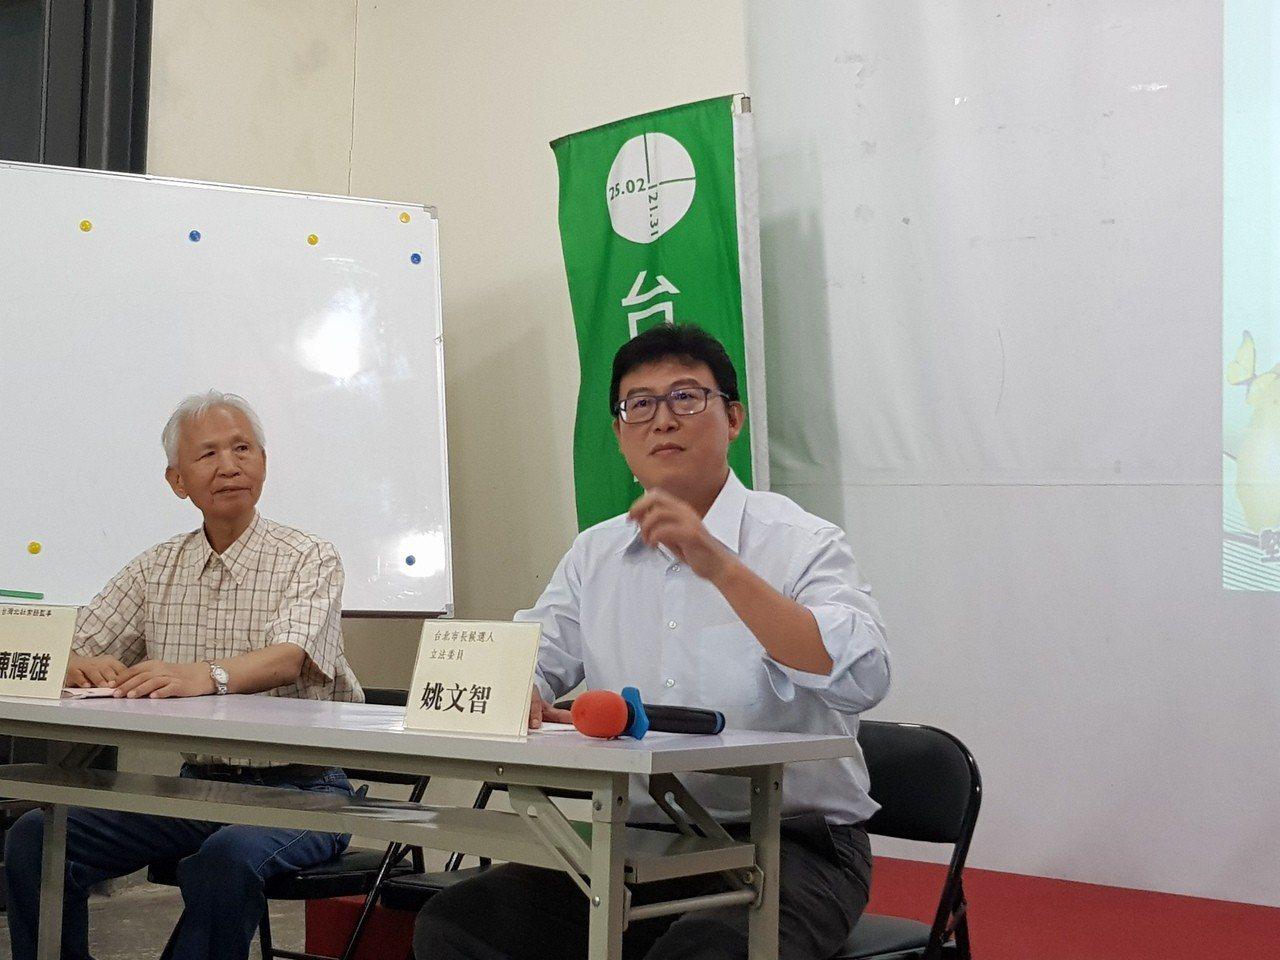 民進黨台北市長參選人姚文智今天下午出席台灣北社社員大會並受訪。記者翁浩然/攝影